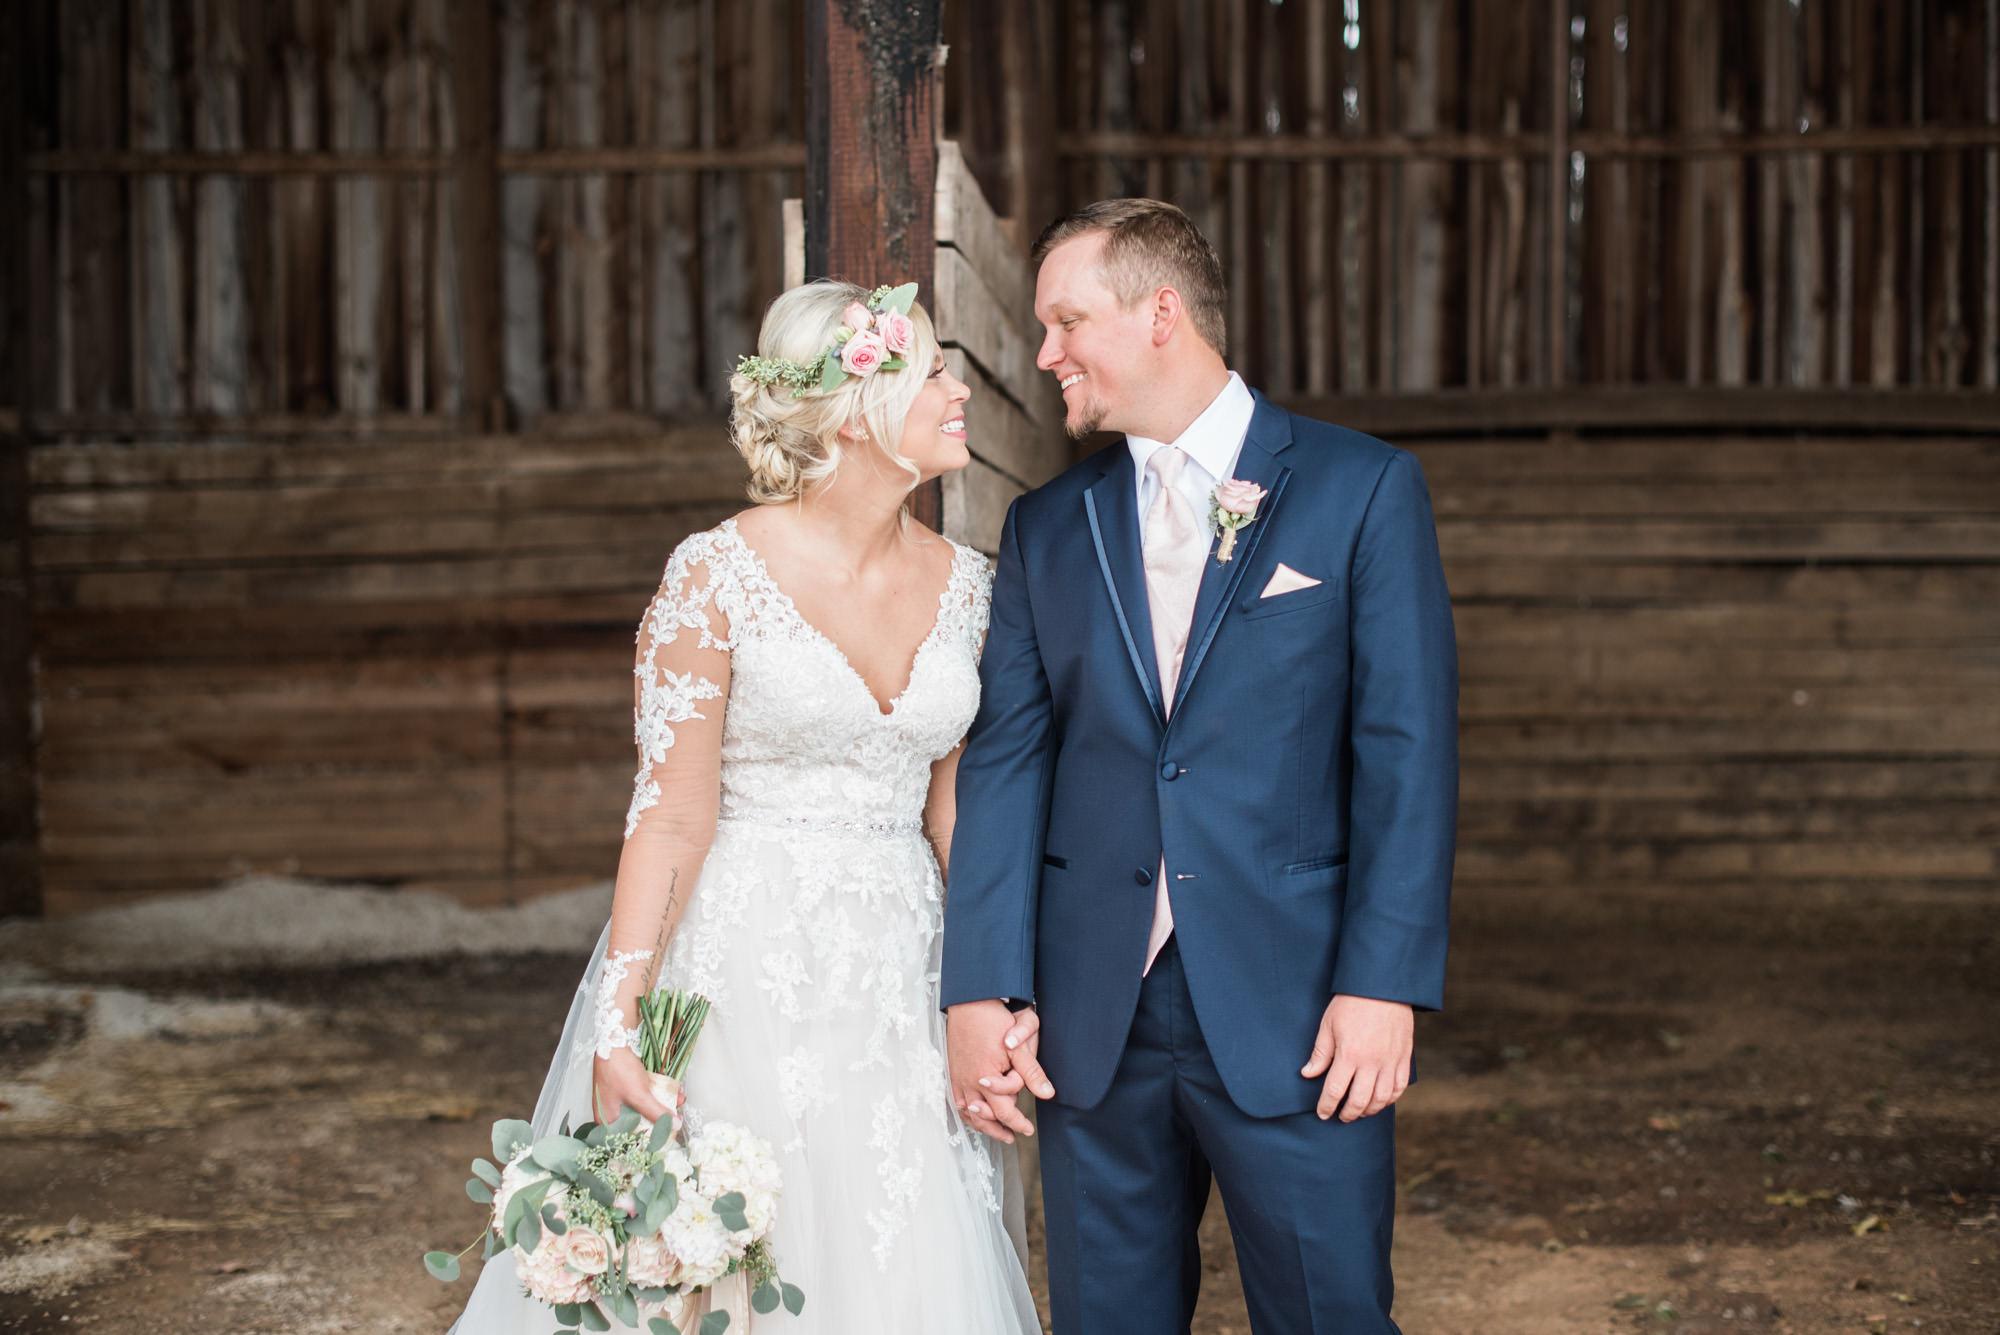 wedding-bride-and-groom-17.jpg